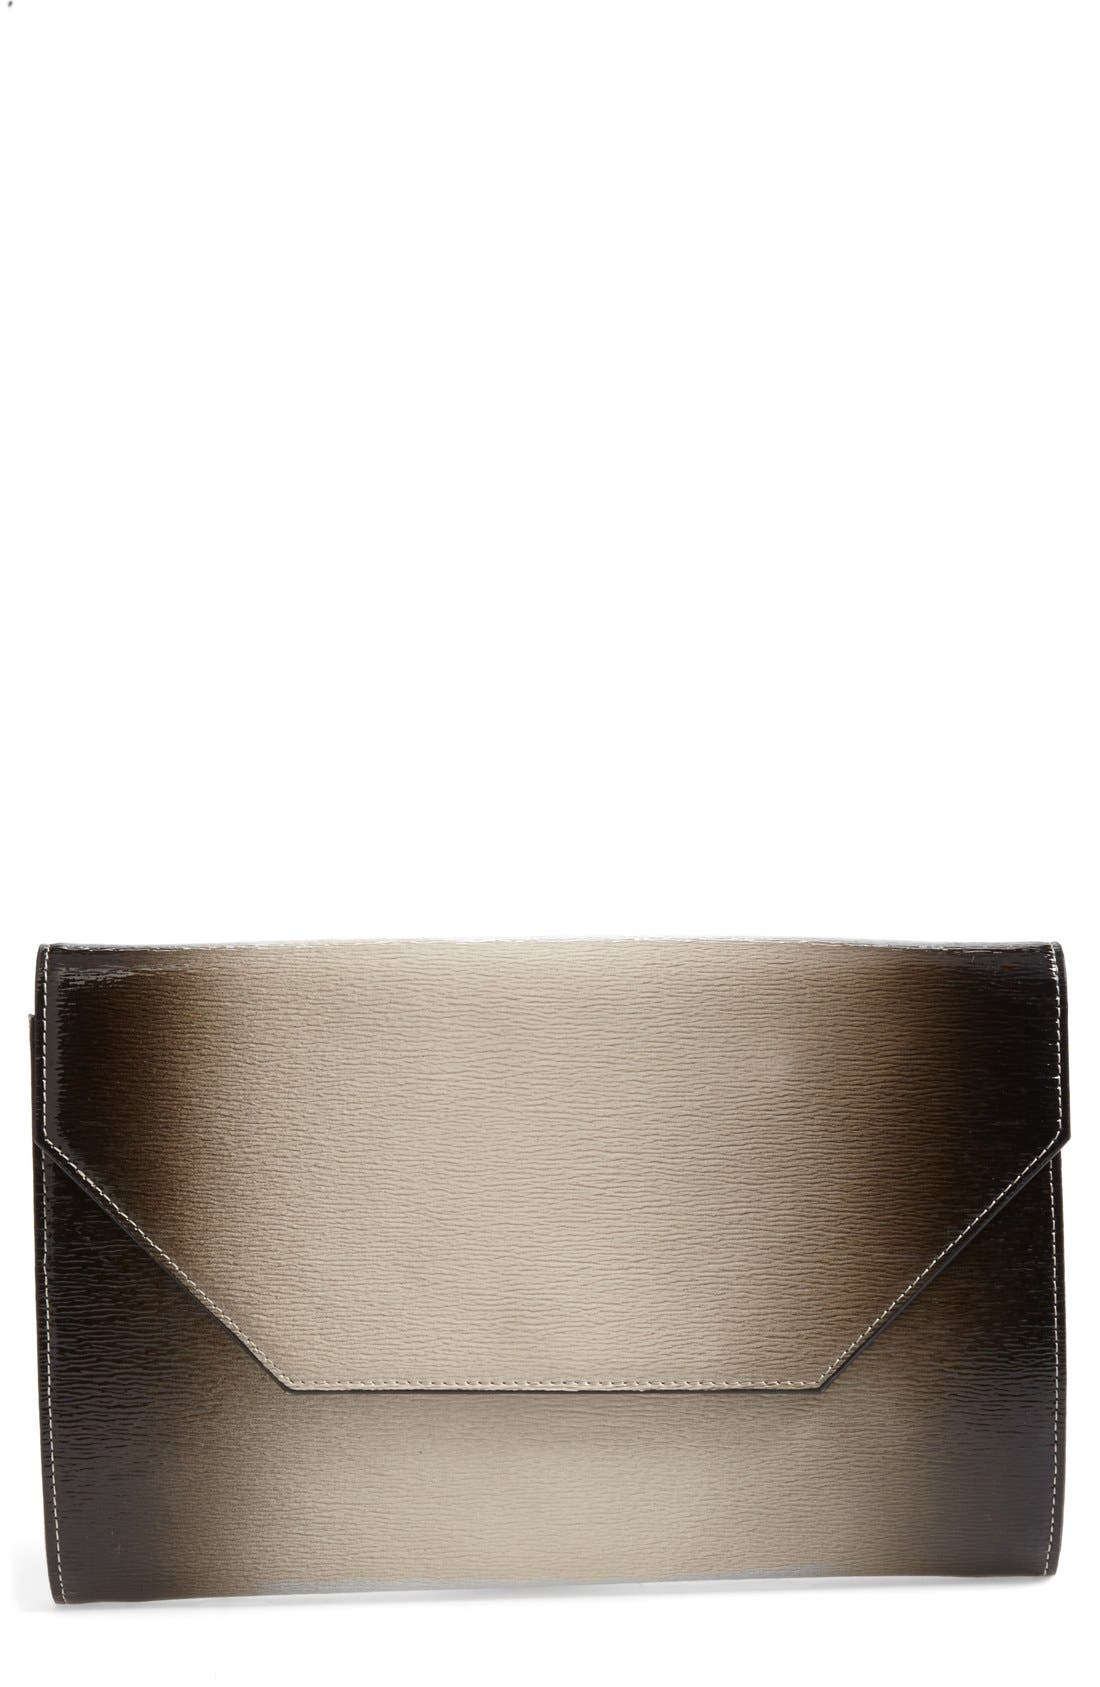 Alternate Image 1 Selected - Halogen® Ombré Leather Envelope Clutch